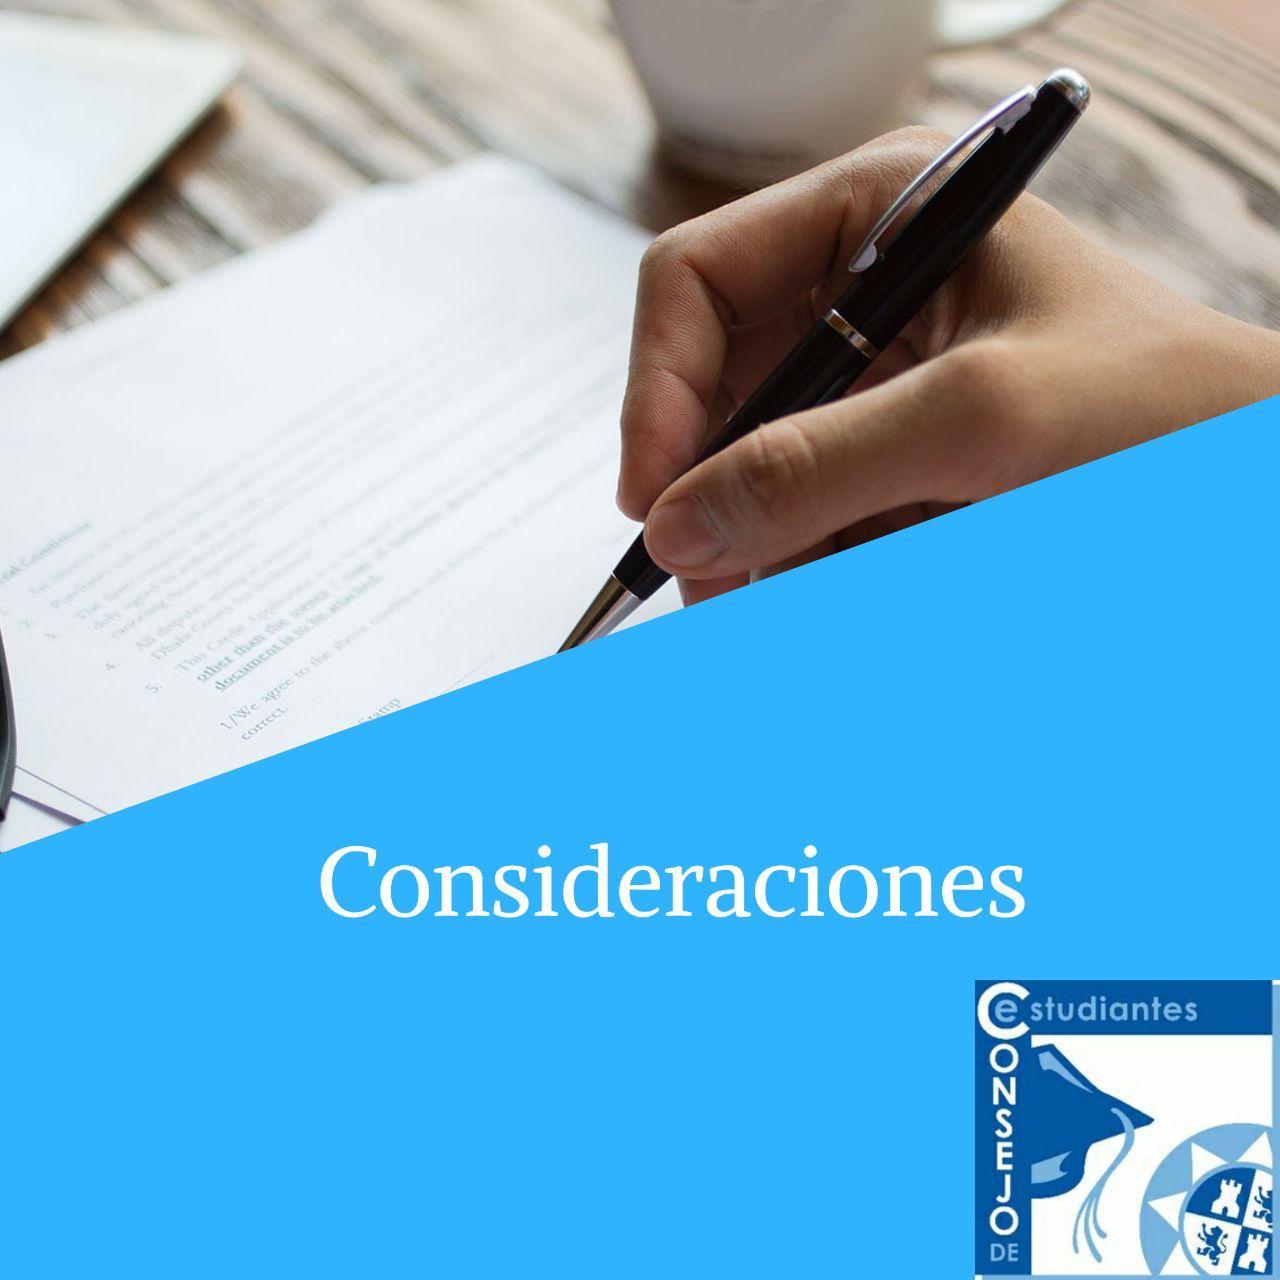 Consideraciones_codvid19